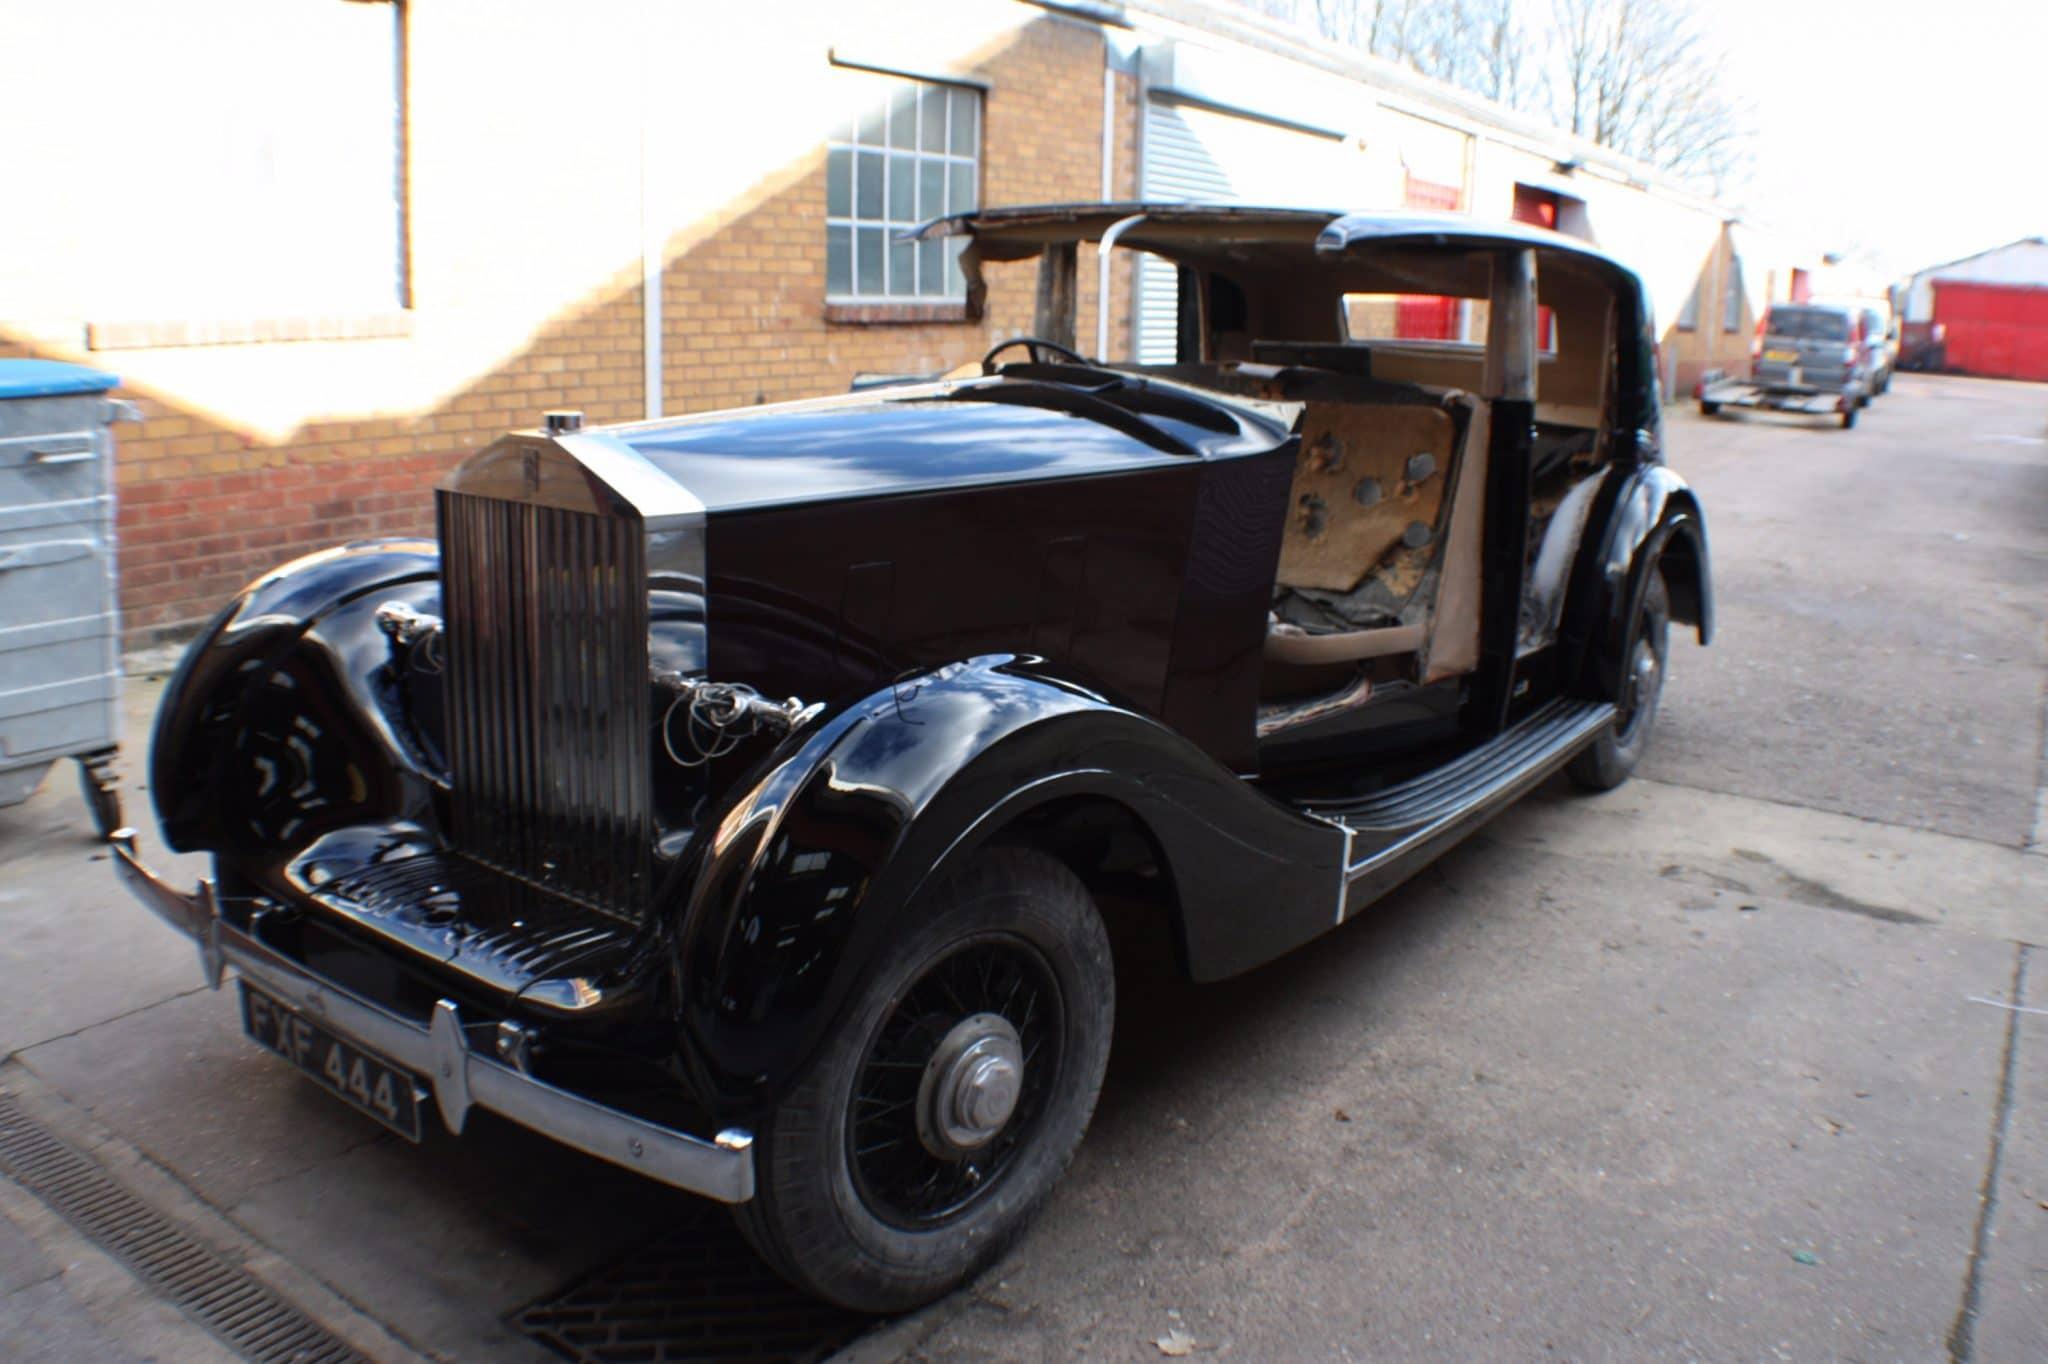 Rolls Royce restoration - no doors